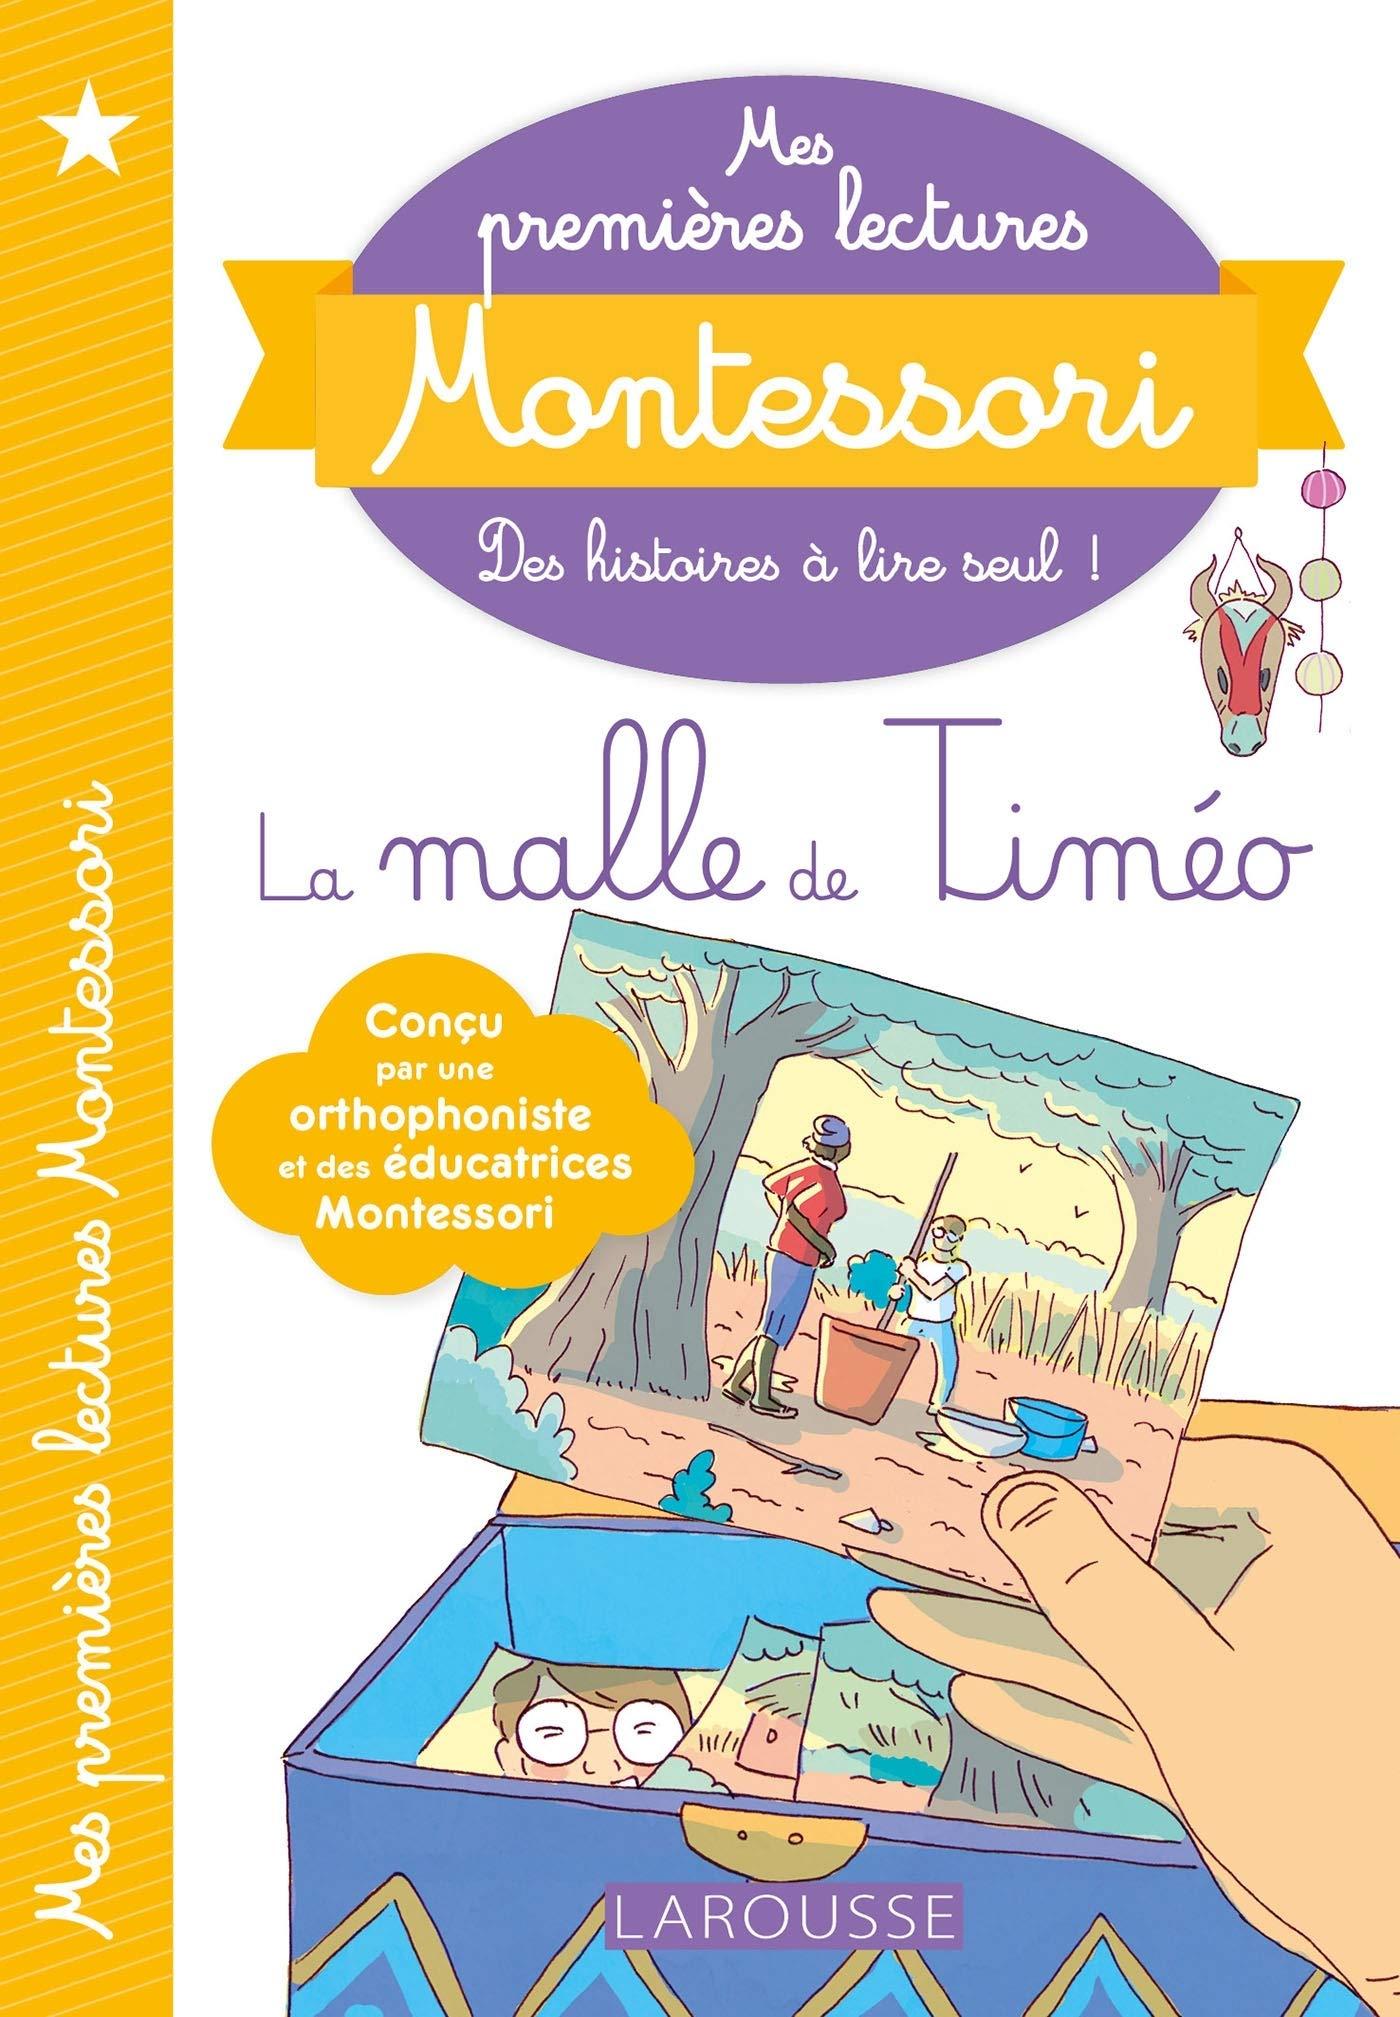 Mes premières lectures Montessori - La malle de Timéo por Anaïs Galon